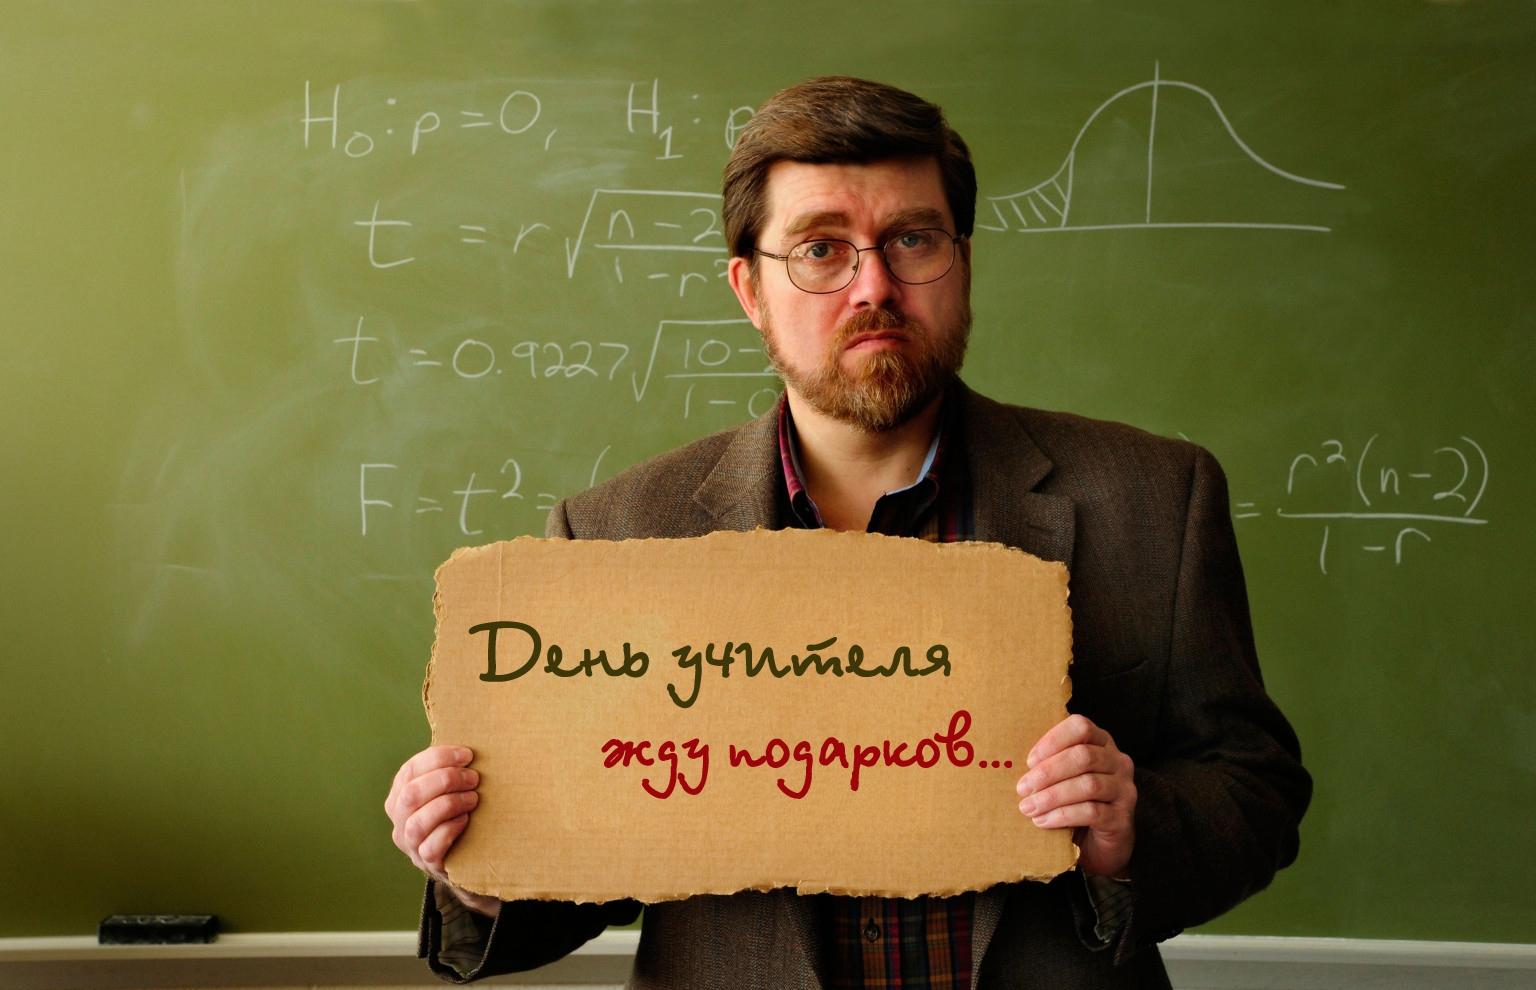 Смешные картинки дню учителя